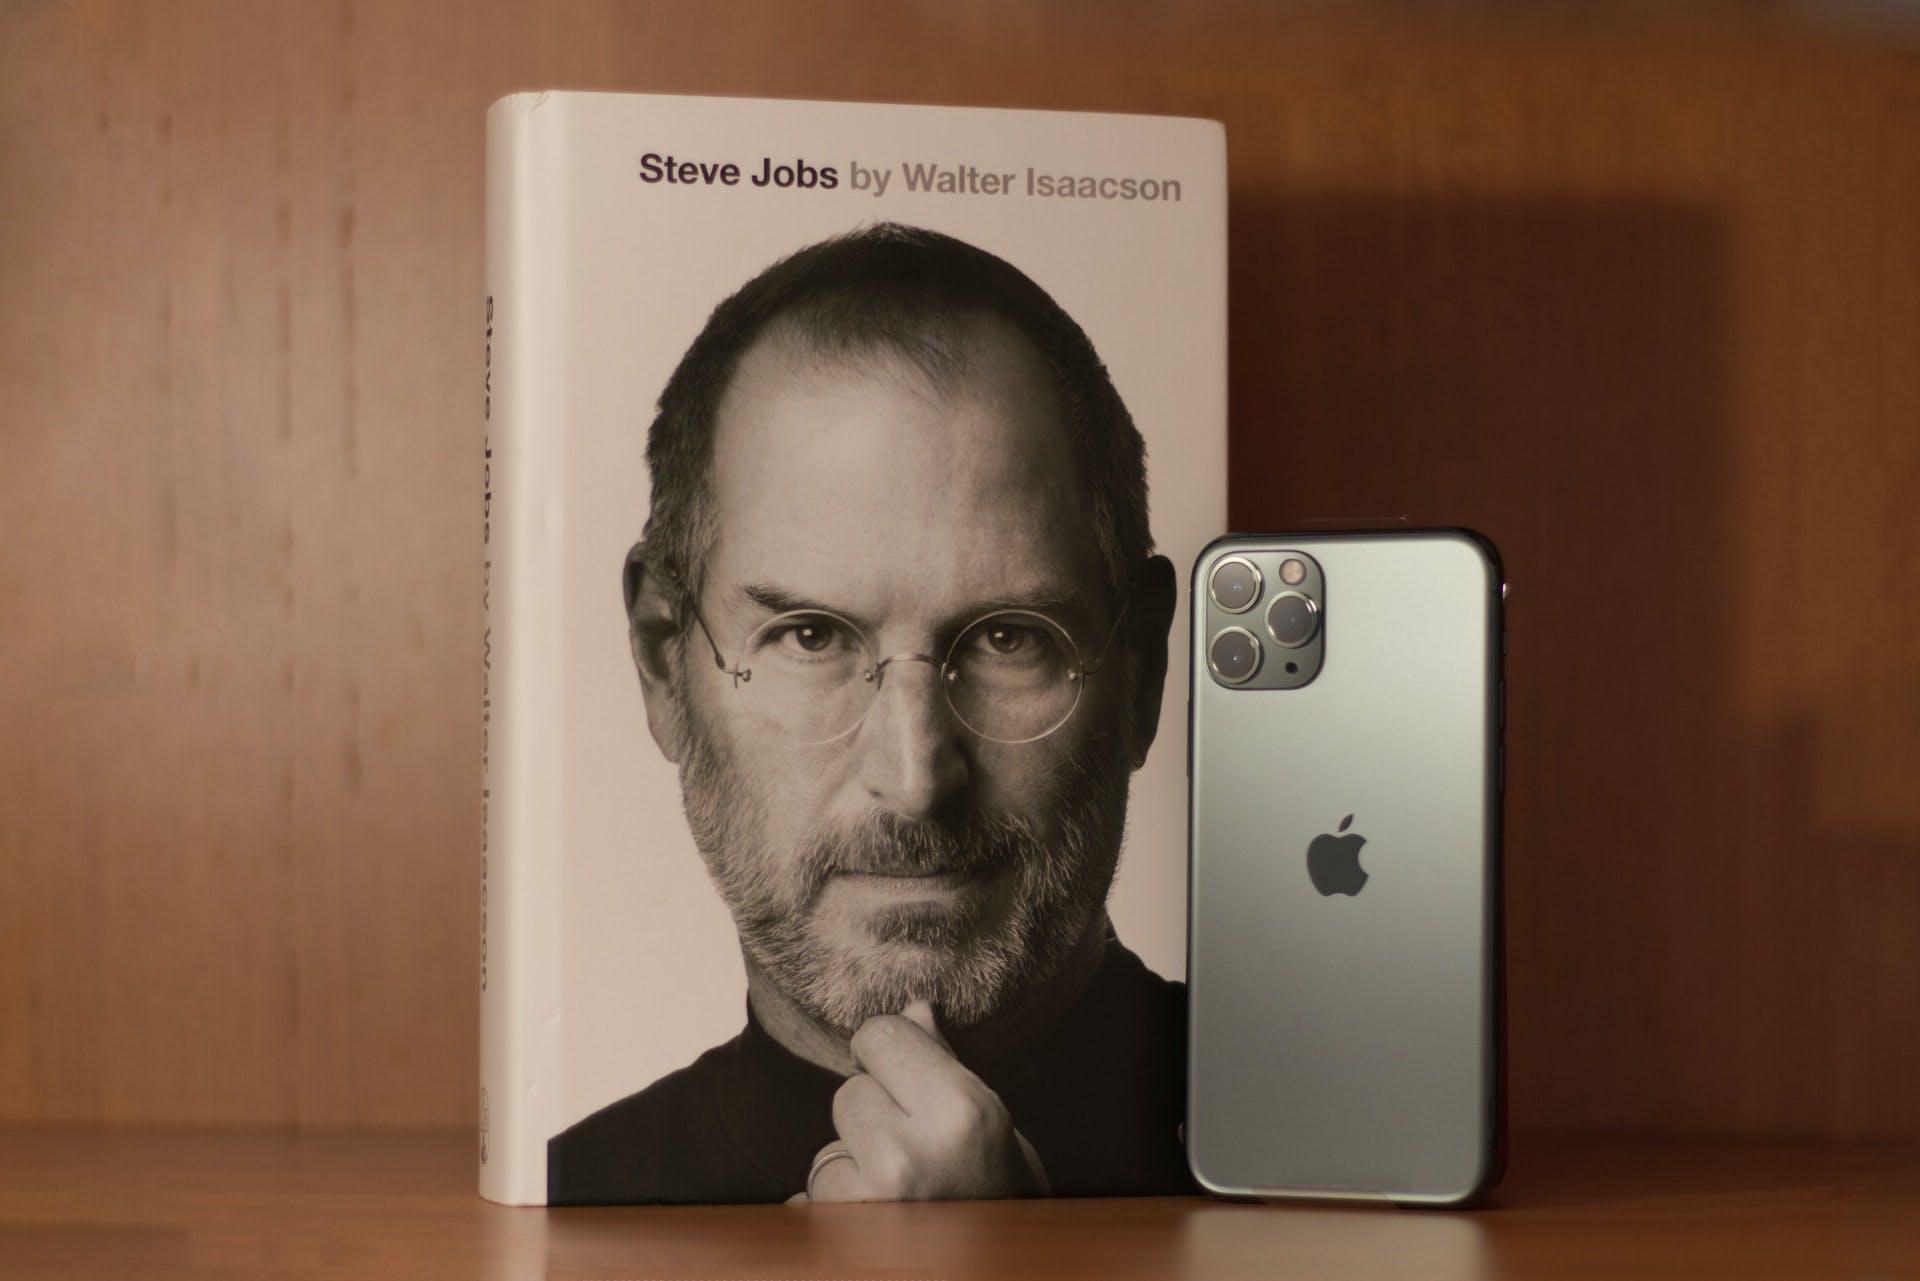 Livro do Steve Jobs